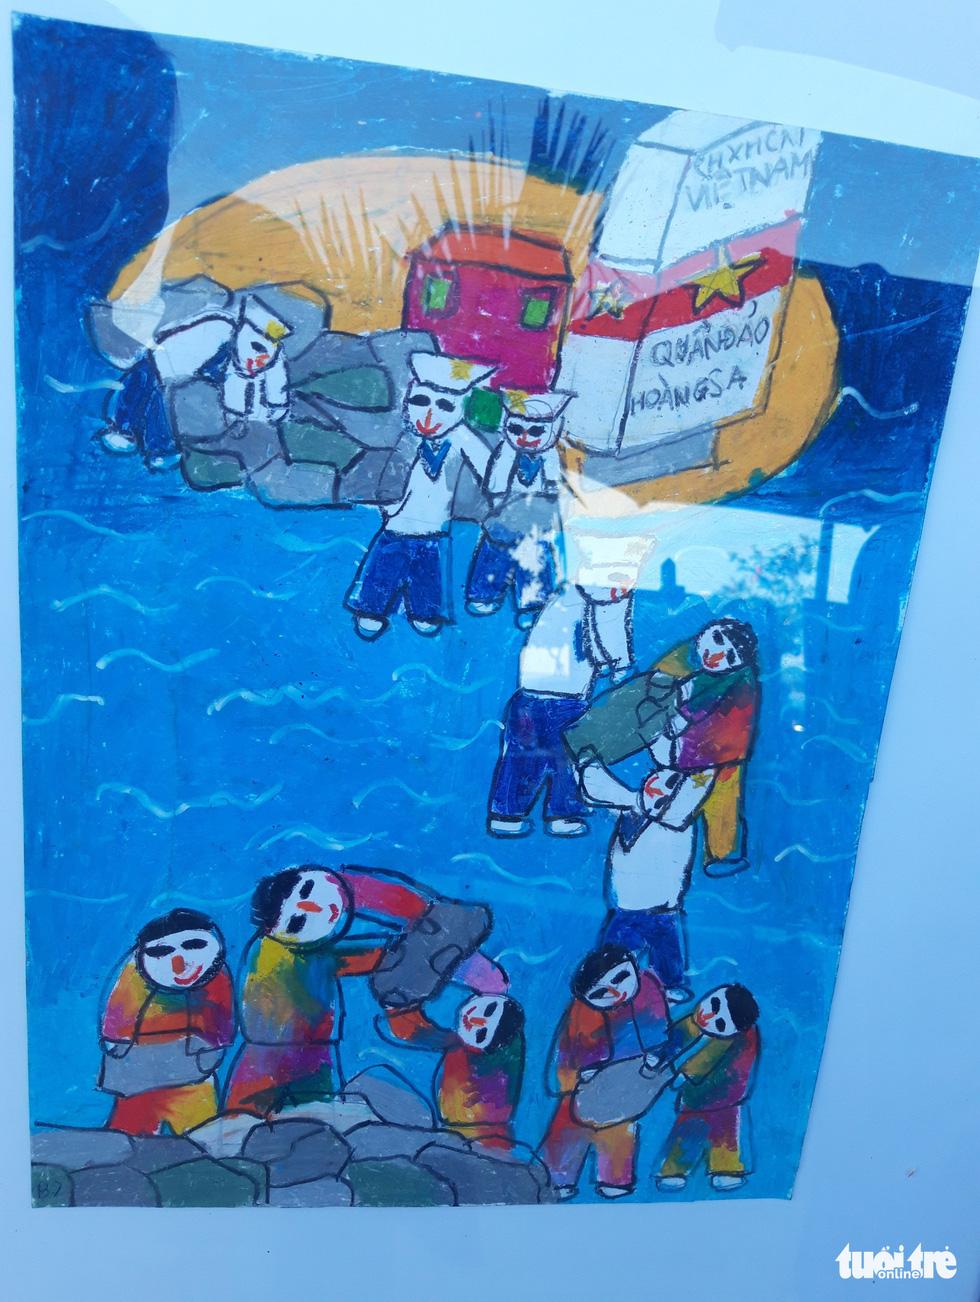 Ước mơ xúc động của trẻ em qua tranh vẽ Hoàng Sa, Trường Sa - Ảnh 7.